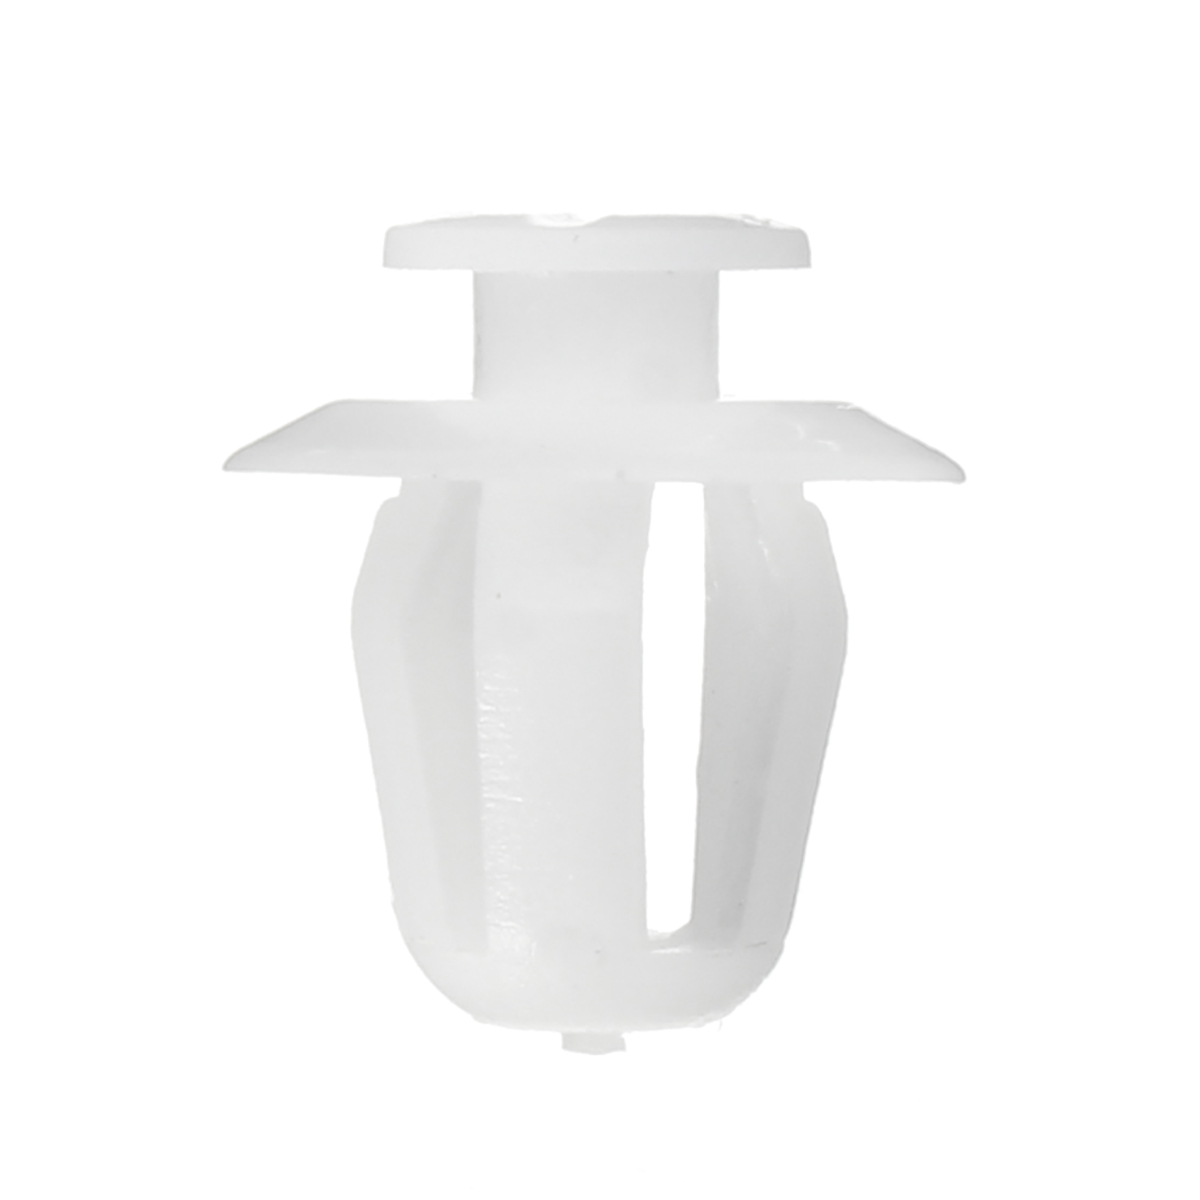 100 pieza de moldura de plástico Clip Surtido-común del sujetador para Citroen Peugeot